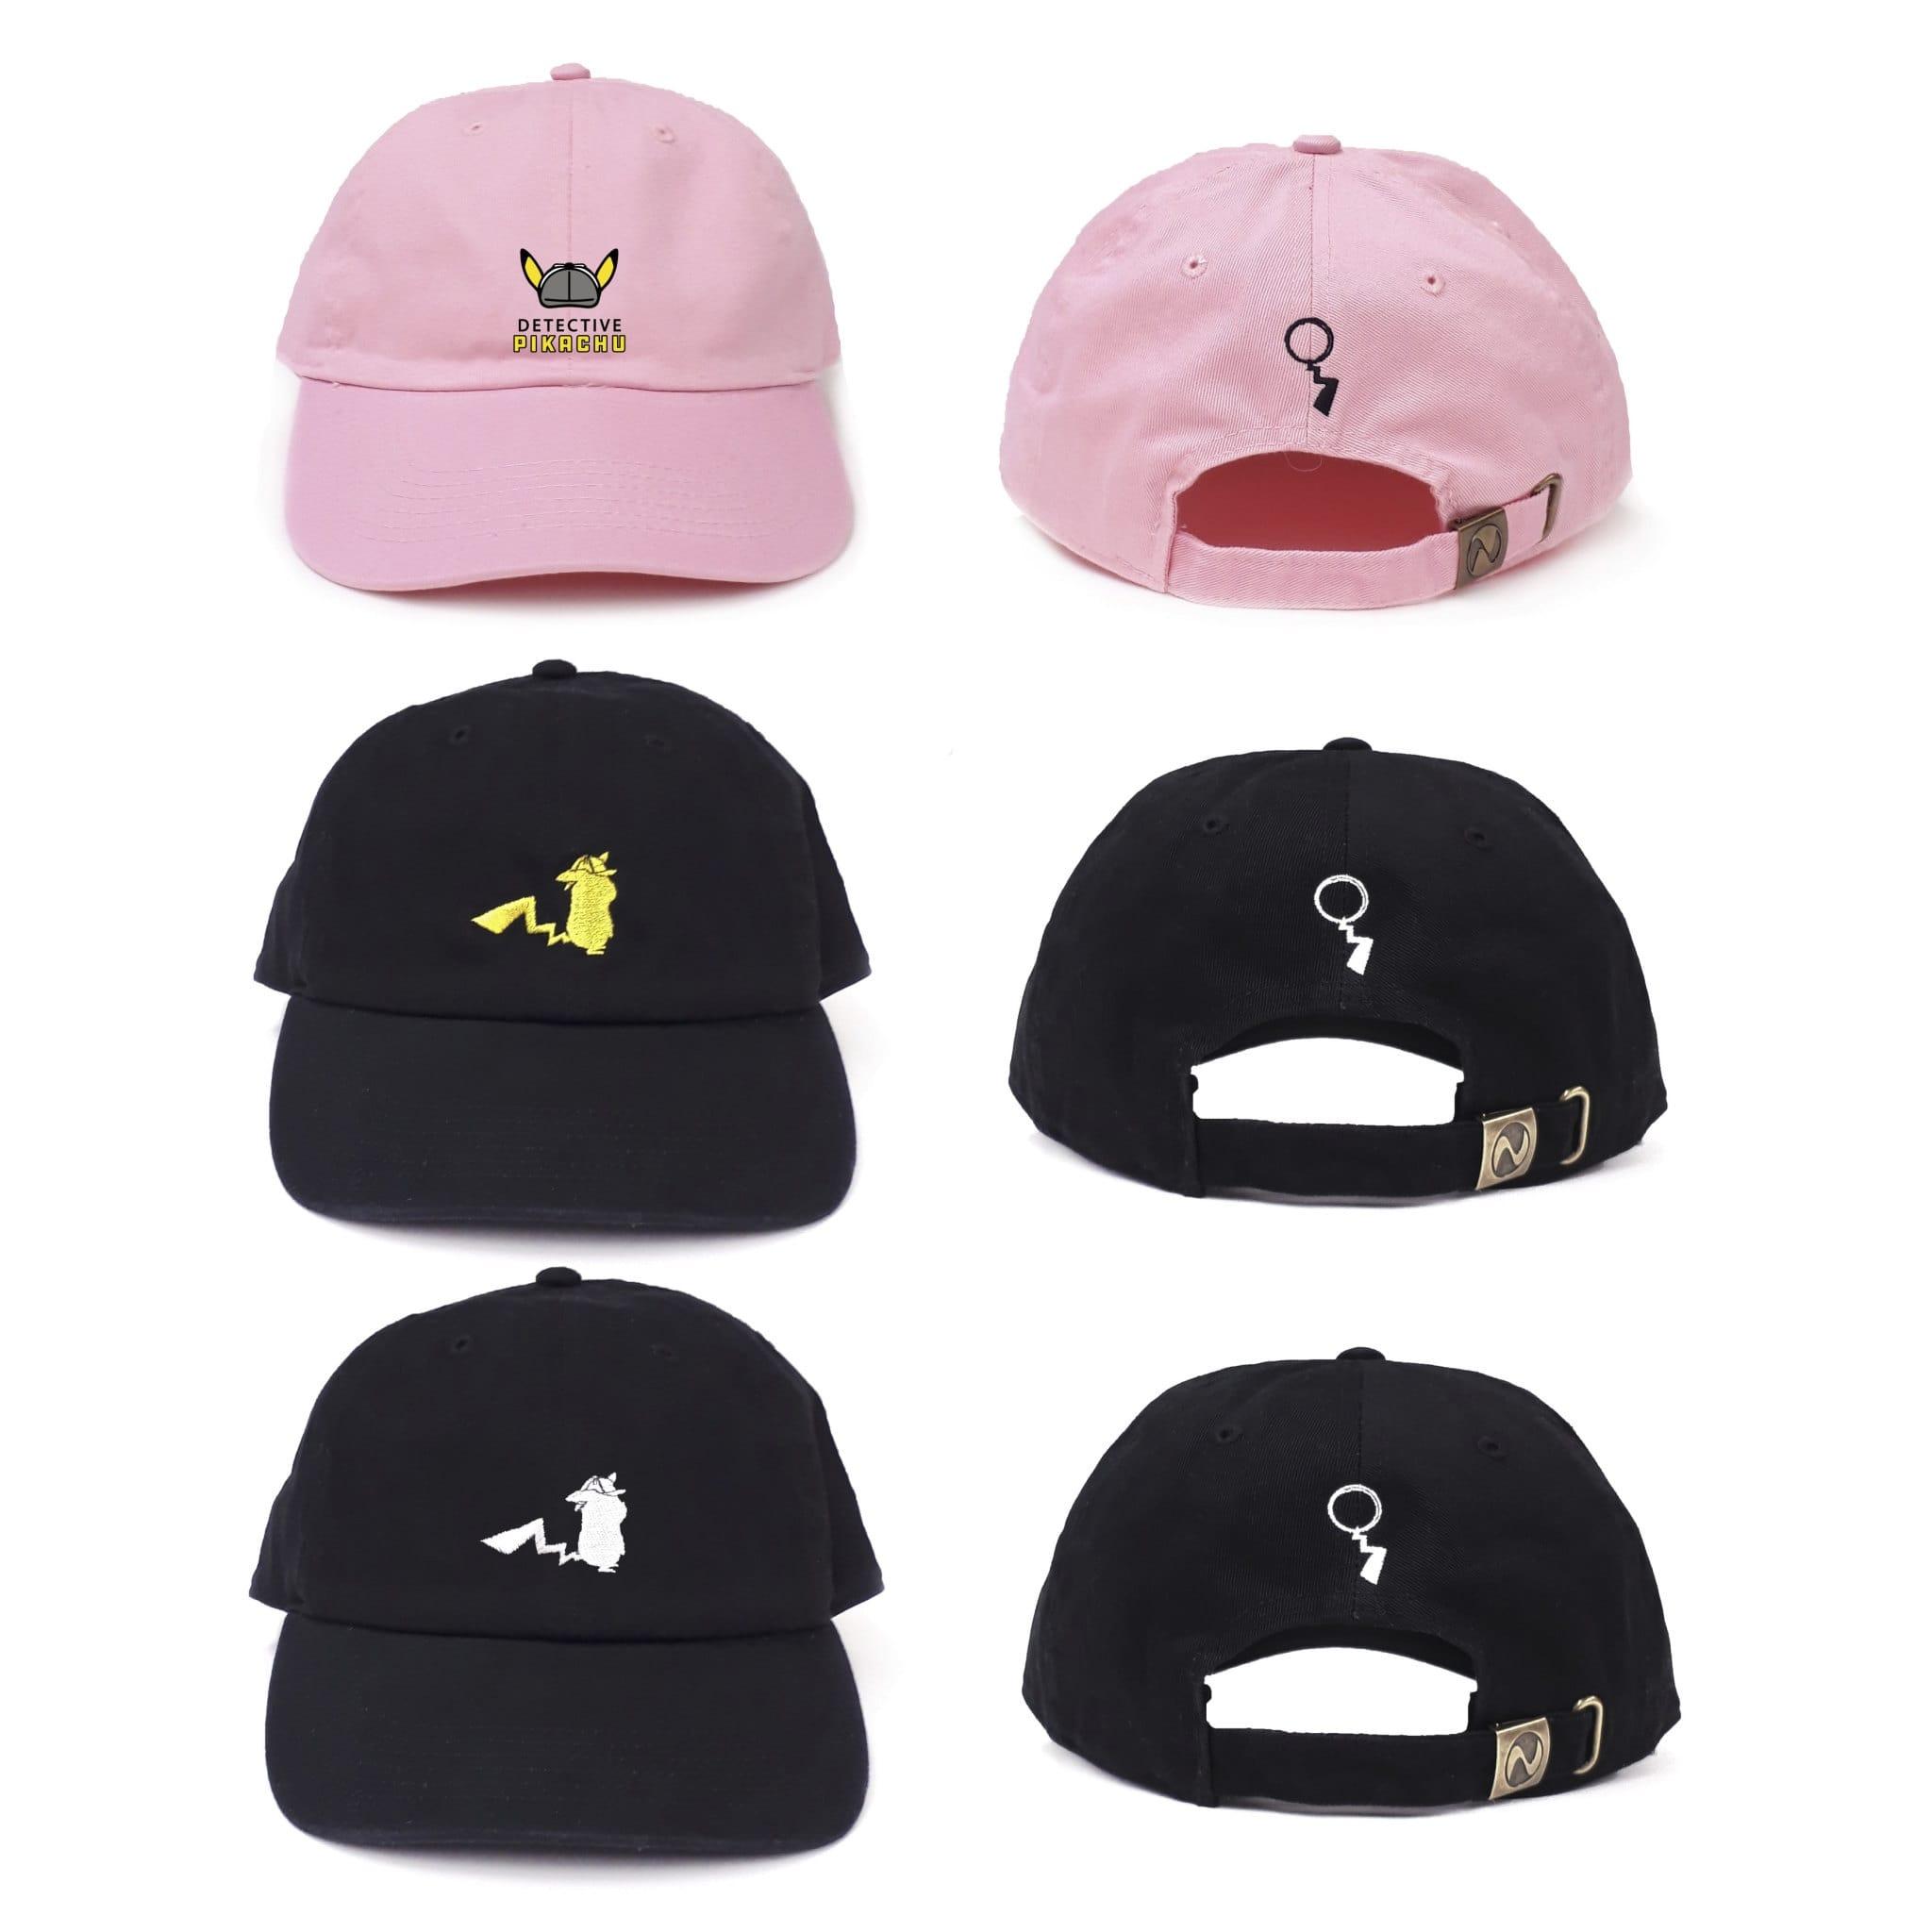 名探偵ピカチュウ帽子アイコン&ロゴ